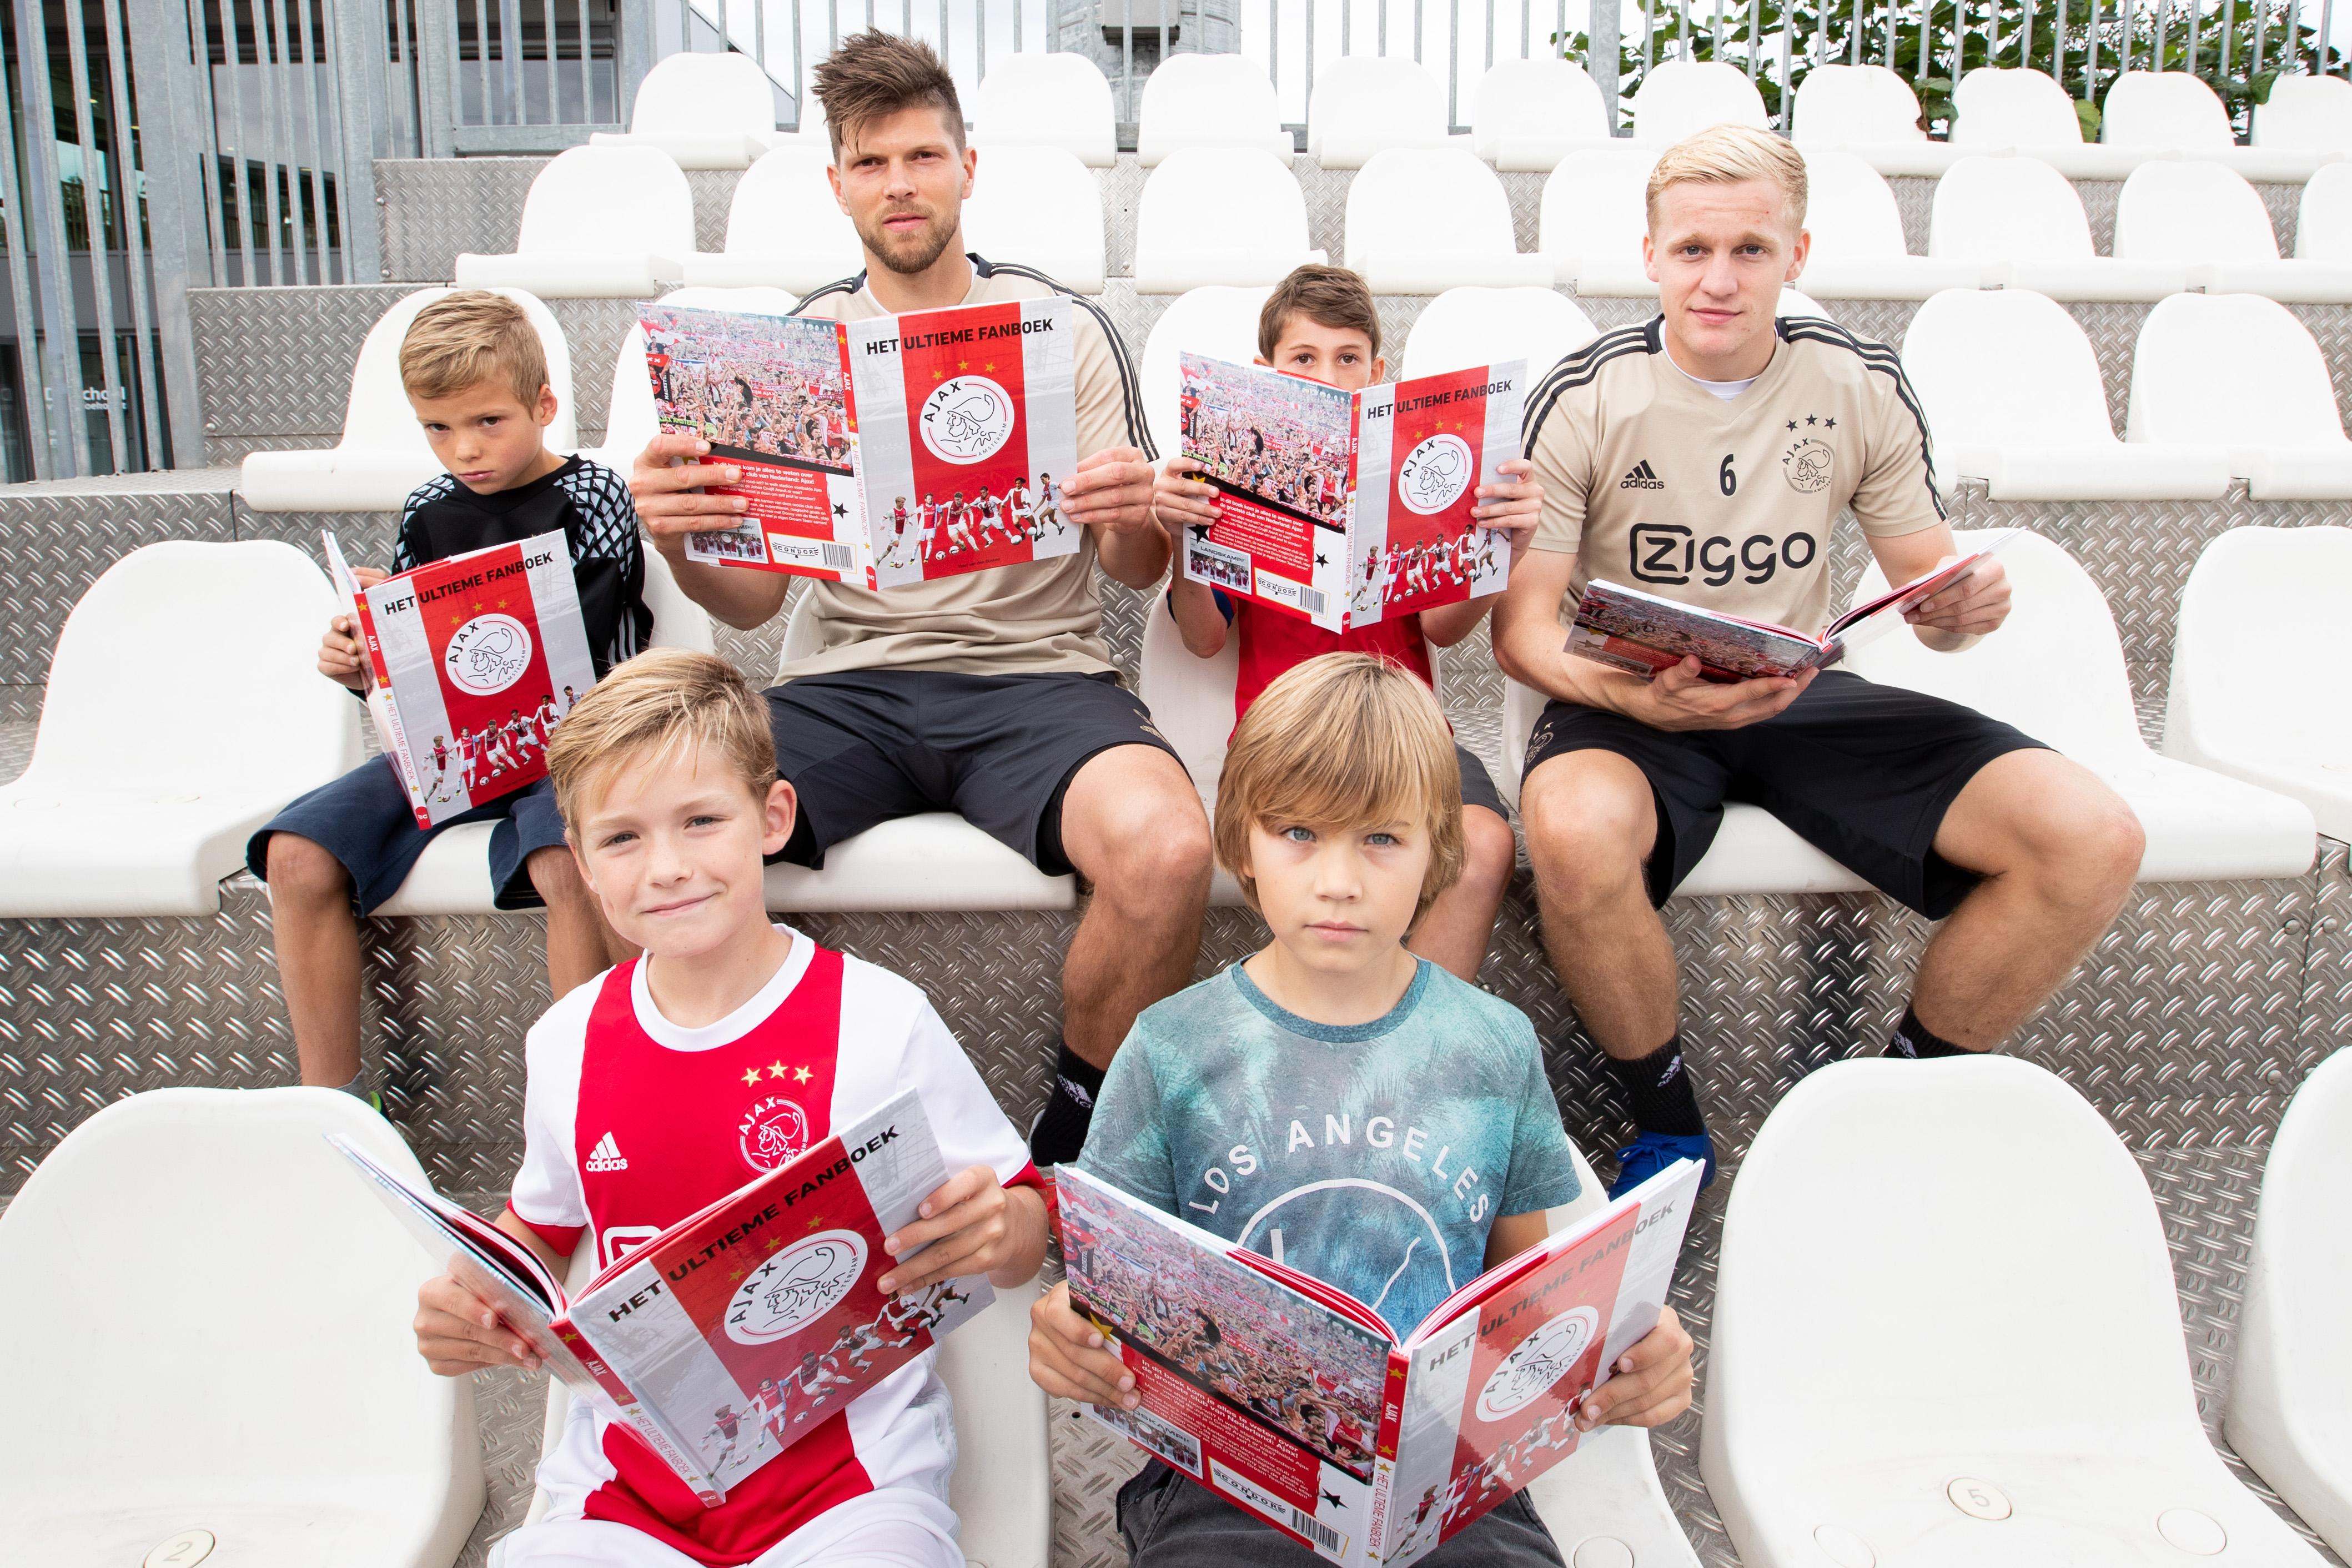 De ZOB-voetballertjes Daniël en Dante (voorgrond) doken samen met twee leeftijdsgenootjes en de Ajacieden Donny van de Beek en Klaas Jan Huntelaar meteen in het ultieme fanboek. (Foto: Tom Bode)